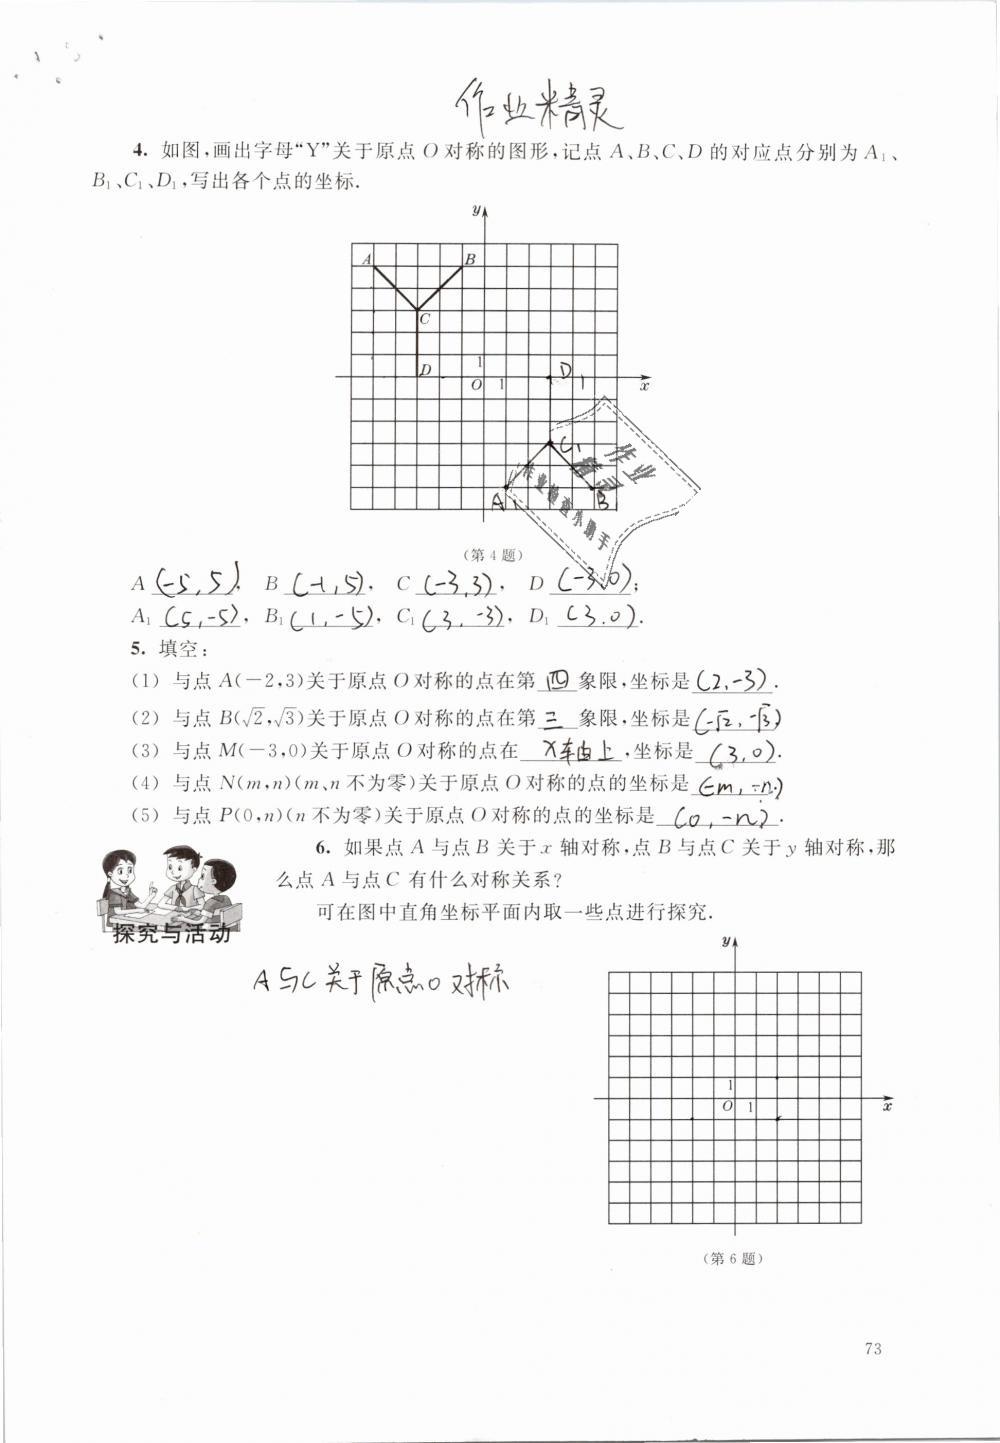 2019年数学练习部分七年级第二学期第73页